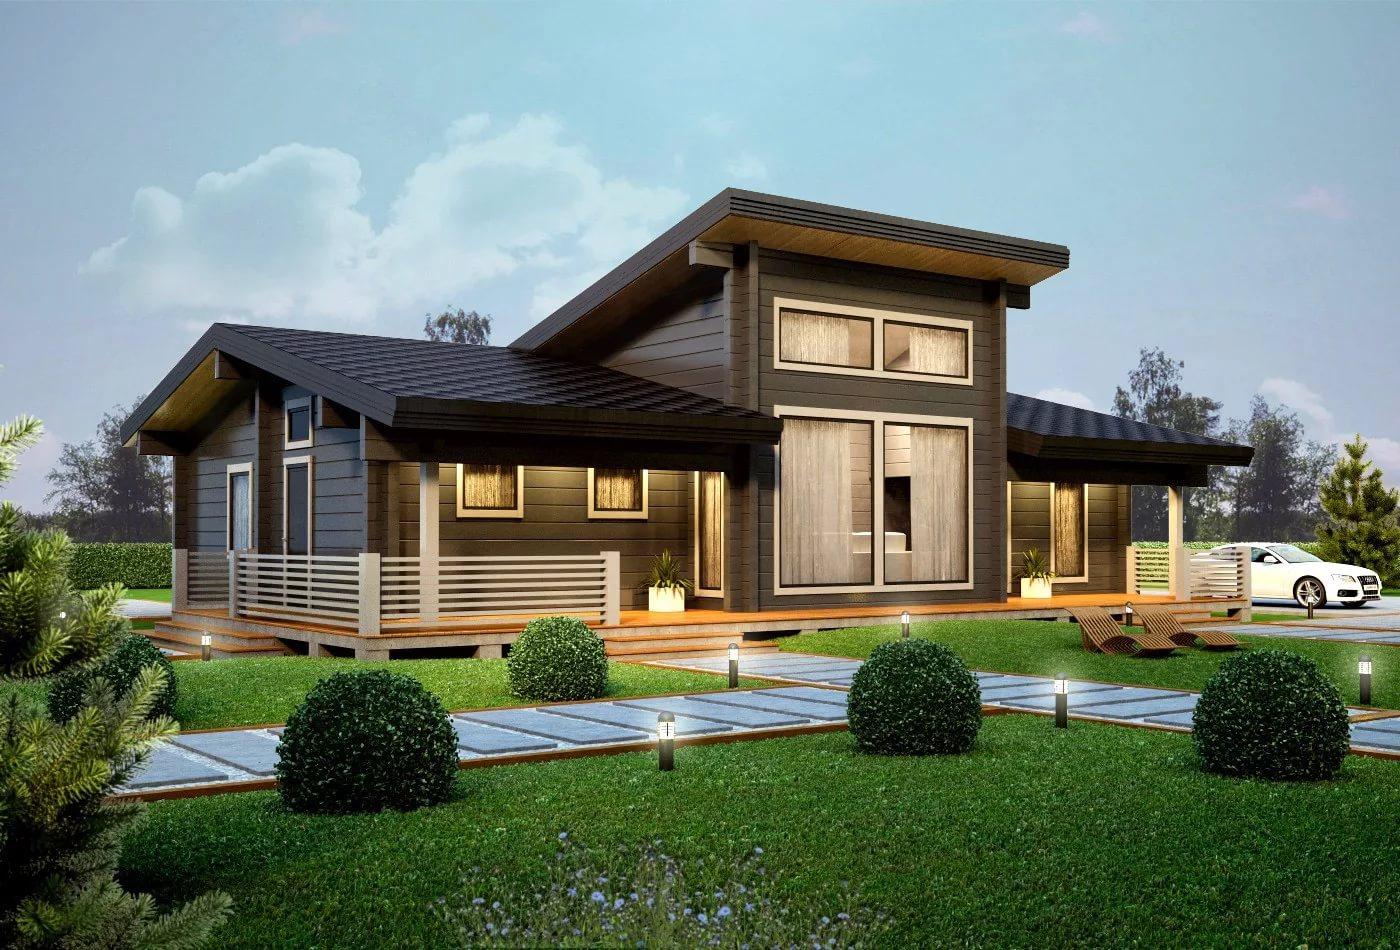 красивые одноэтажные деревянные дома проекты фото писал предложению